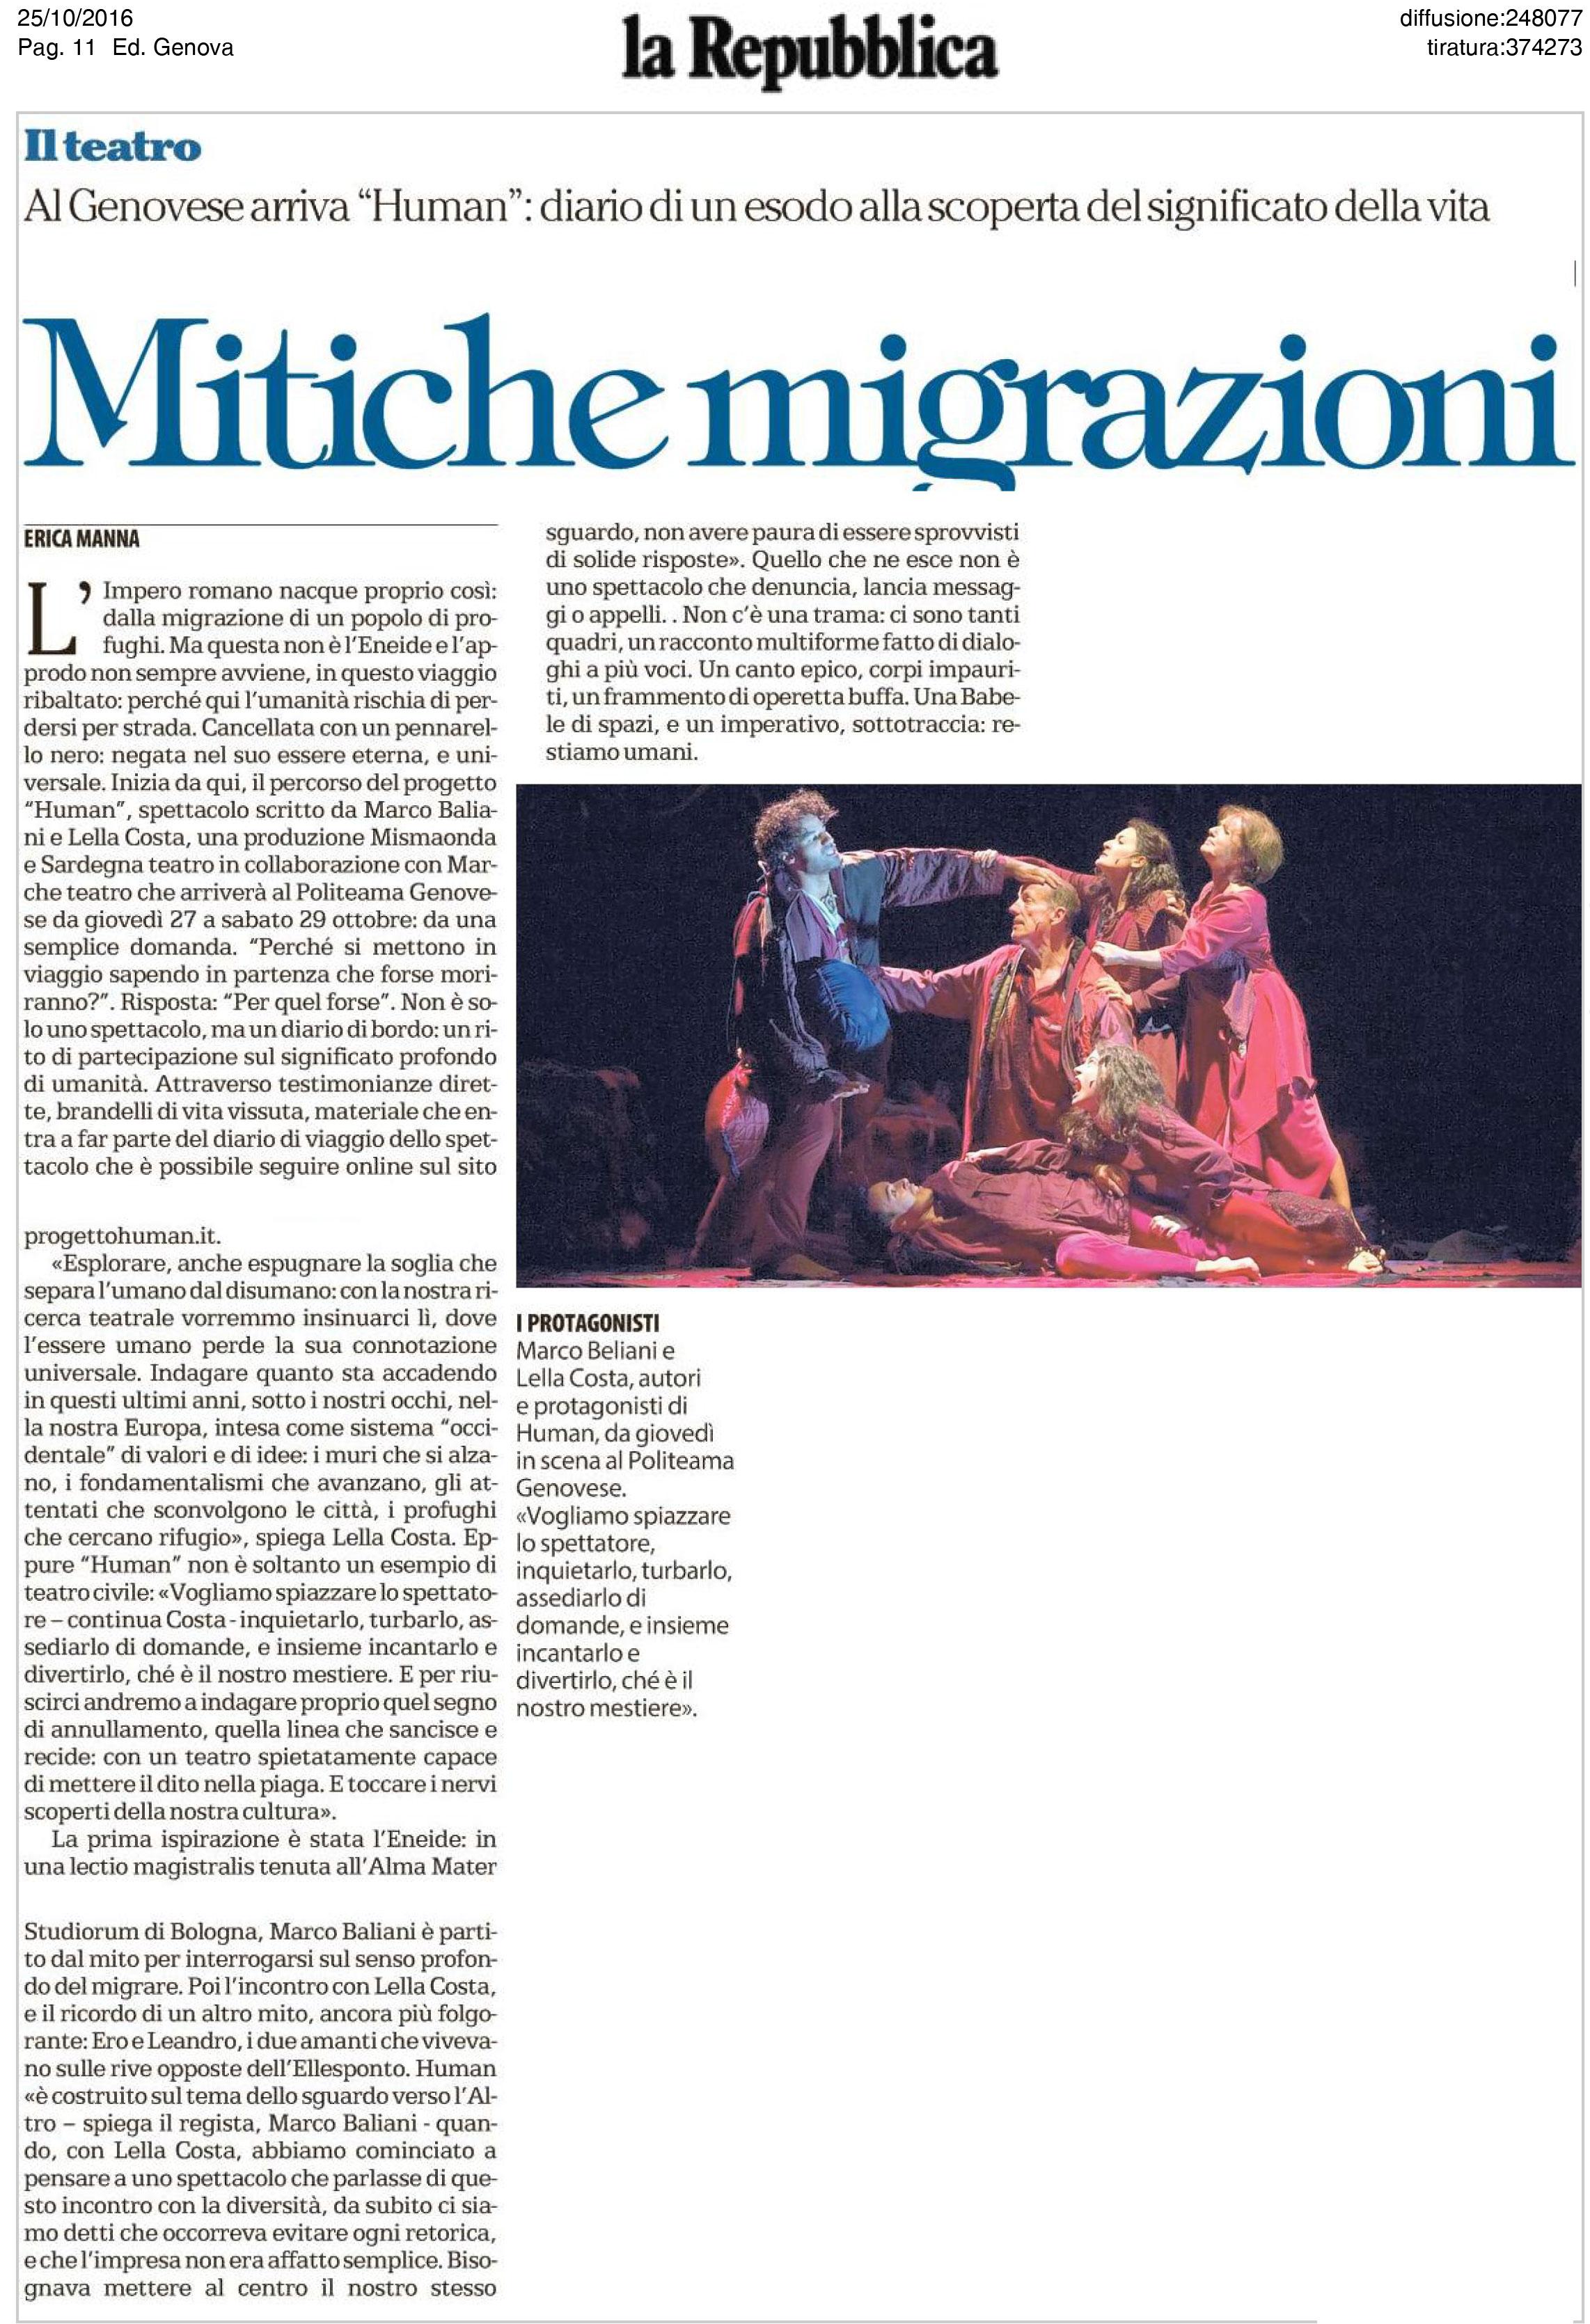 20161025_mitiche-migrazioni_la-repubblica